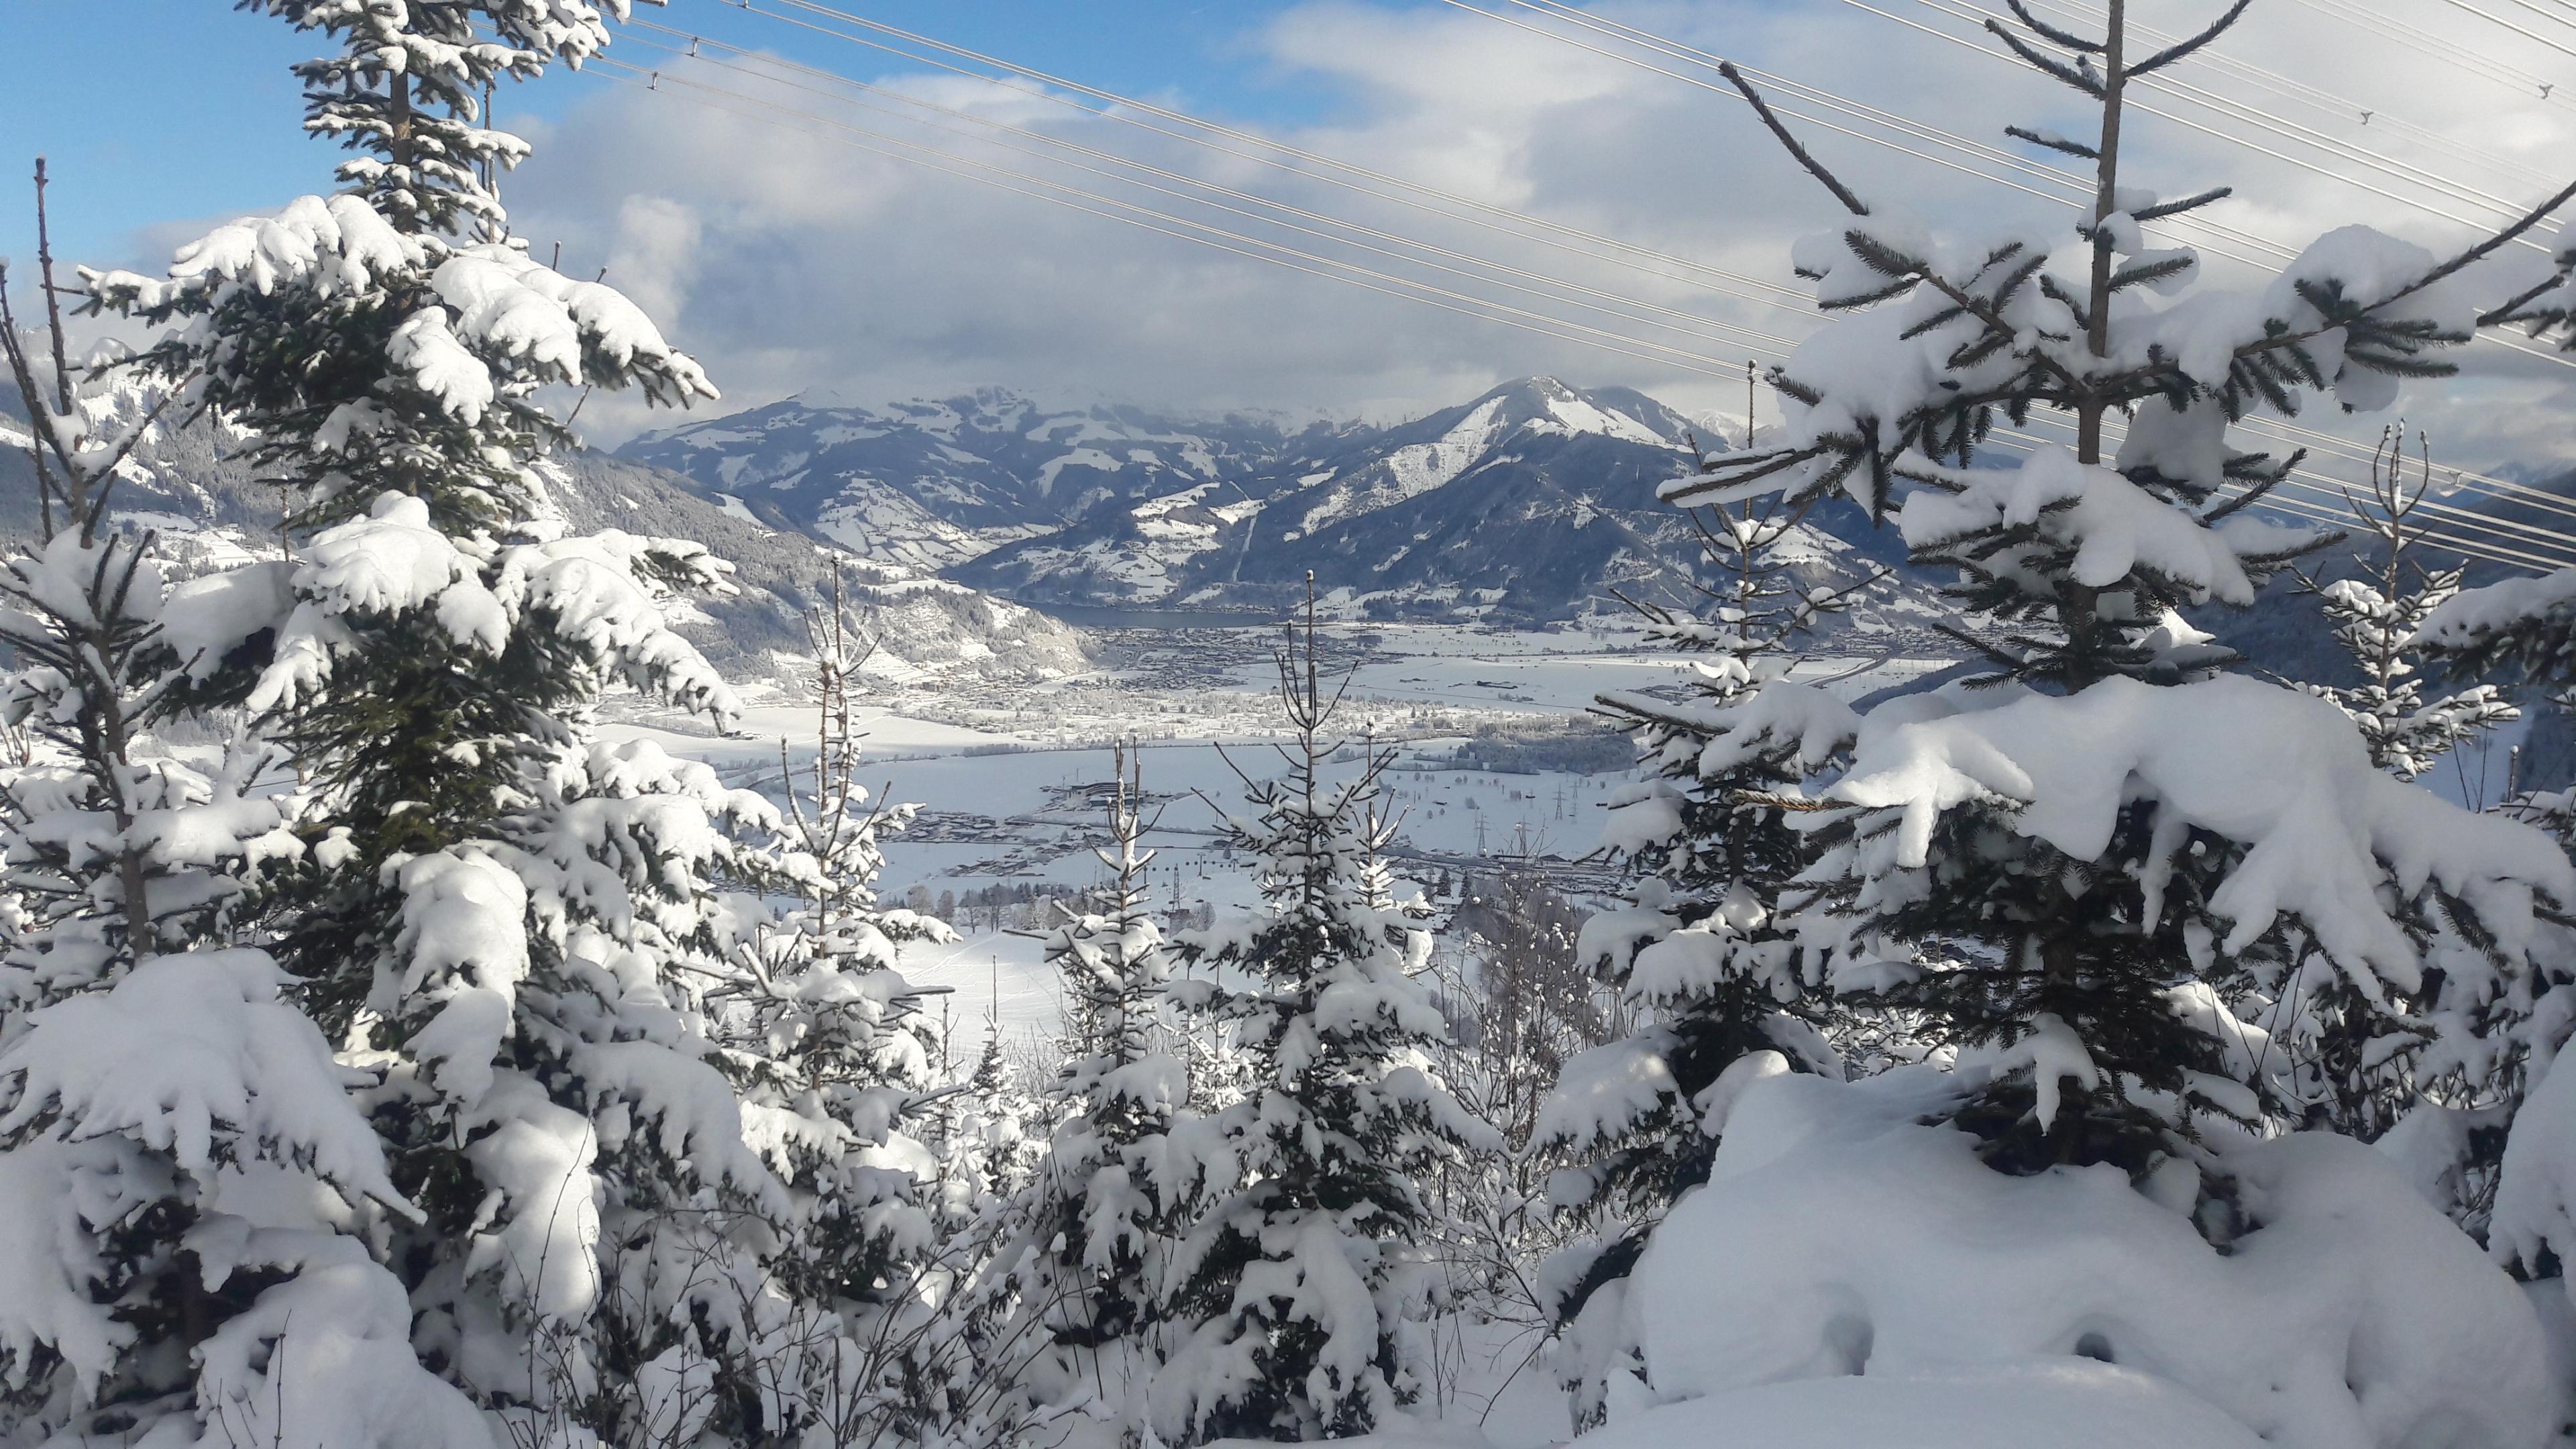 Ski Touring in Kaprun on Maiskogel for All Levels